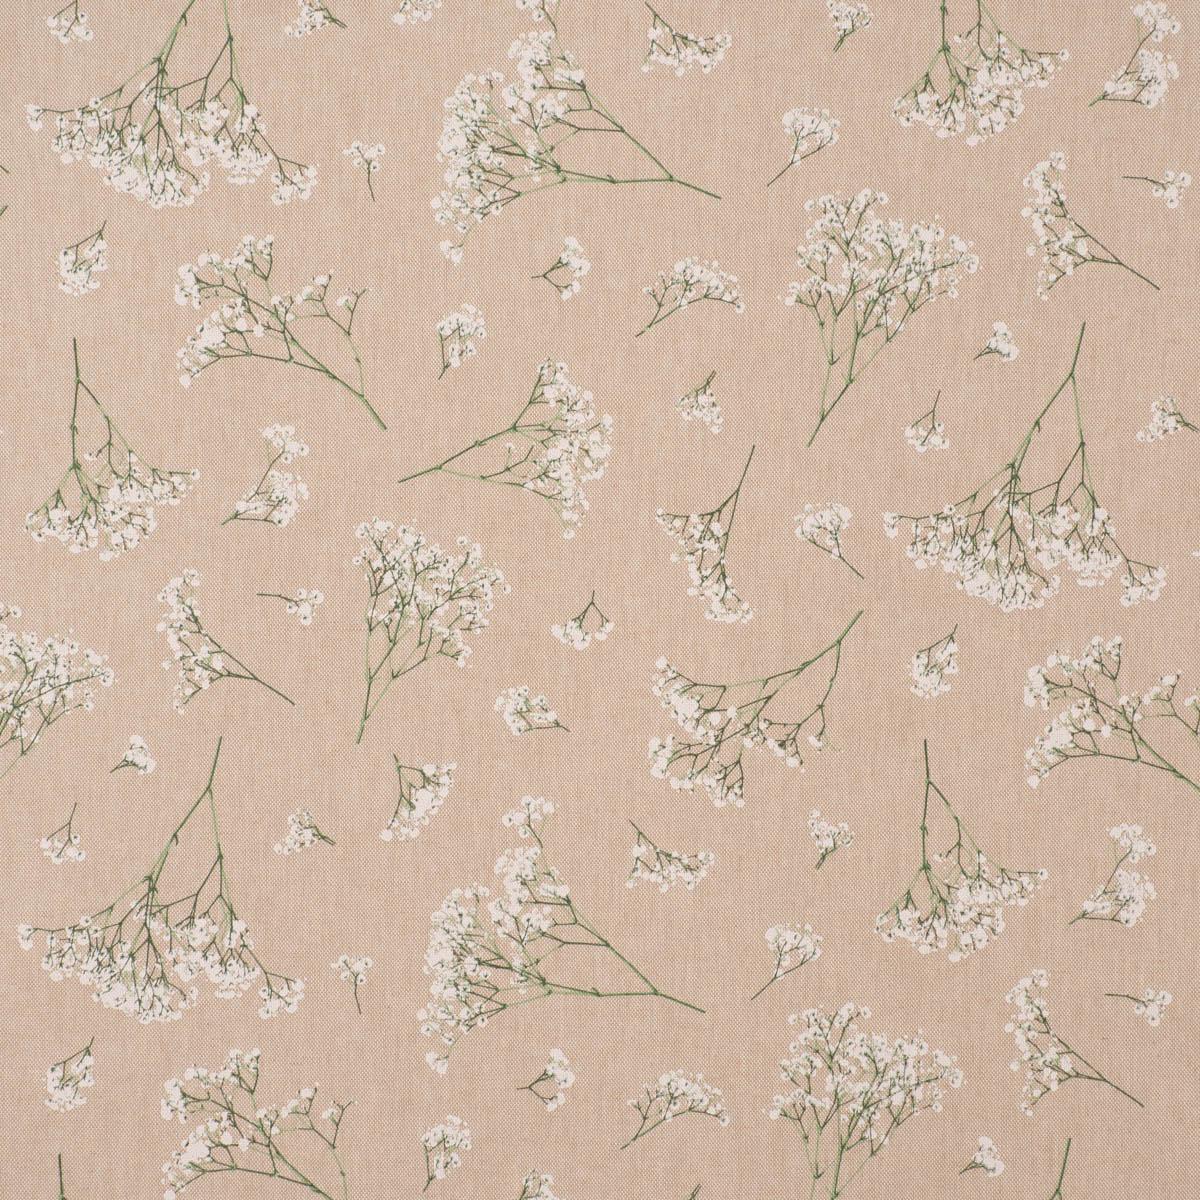 Dekostoff Halbpanama Leinenlook Florist Elegant Schleierkraut natur weiß 1,40m Breite